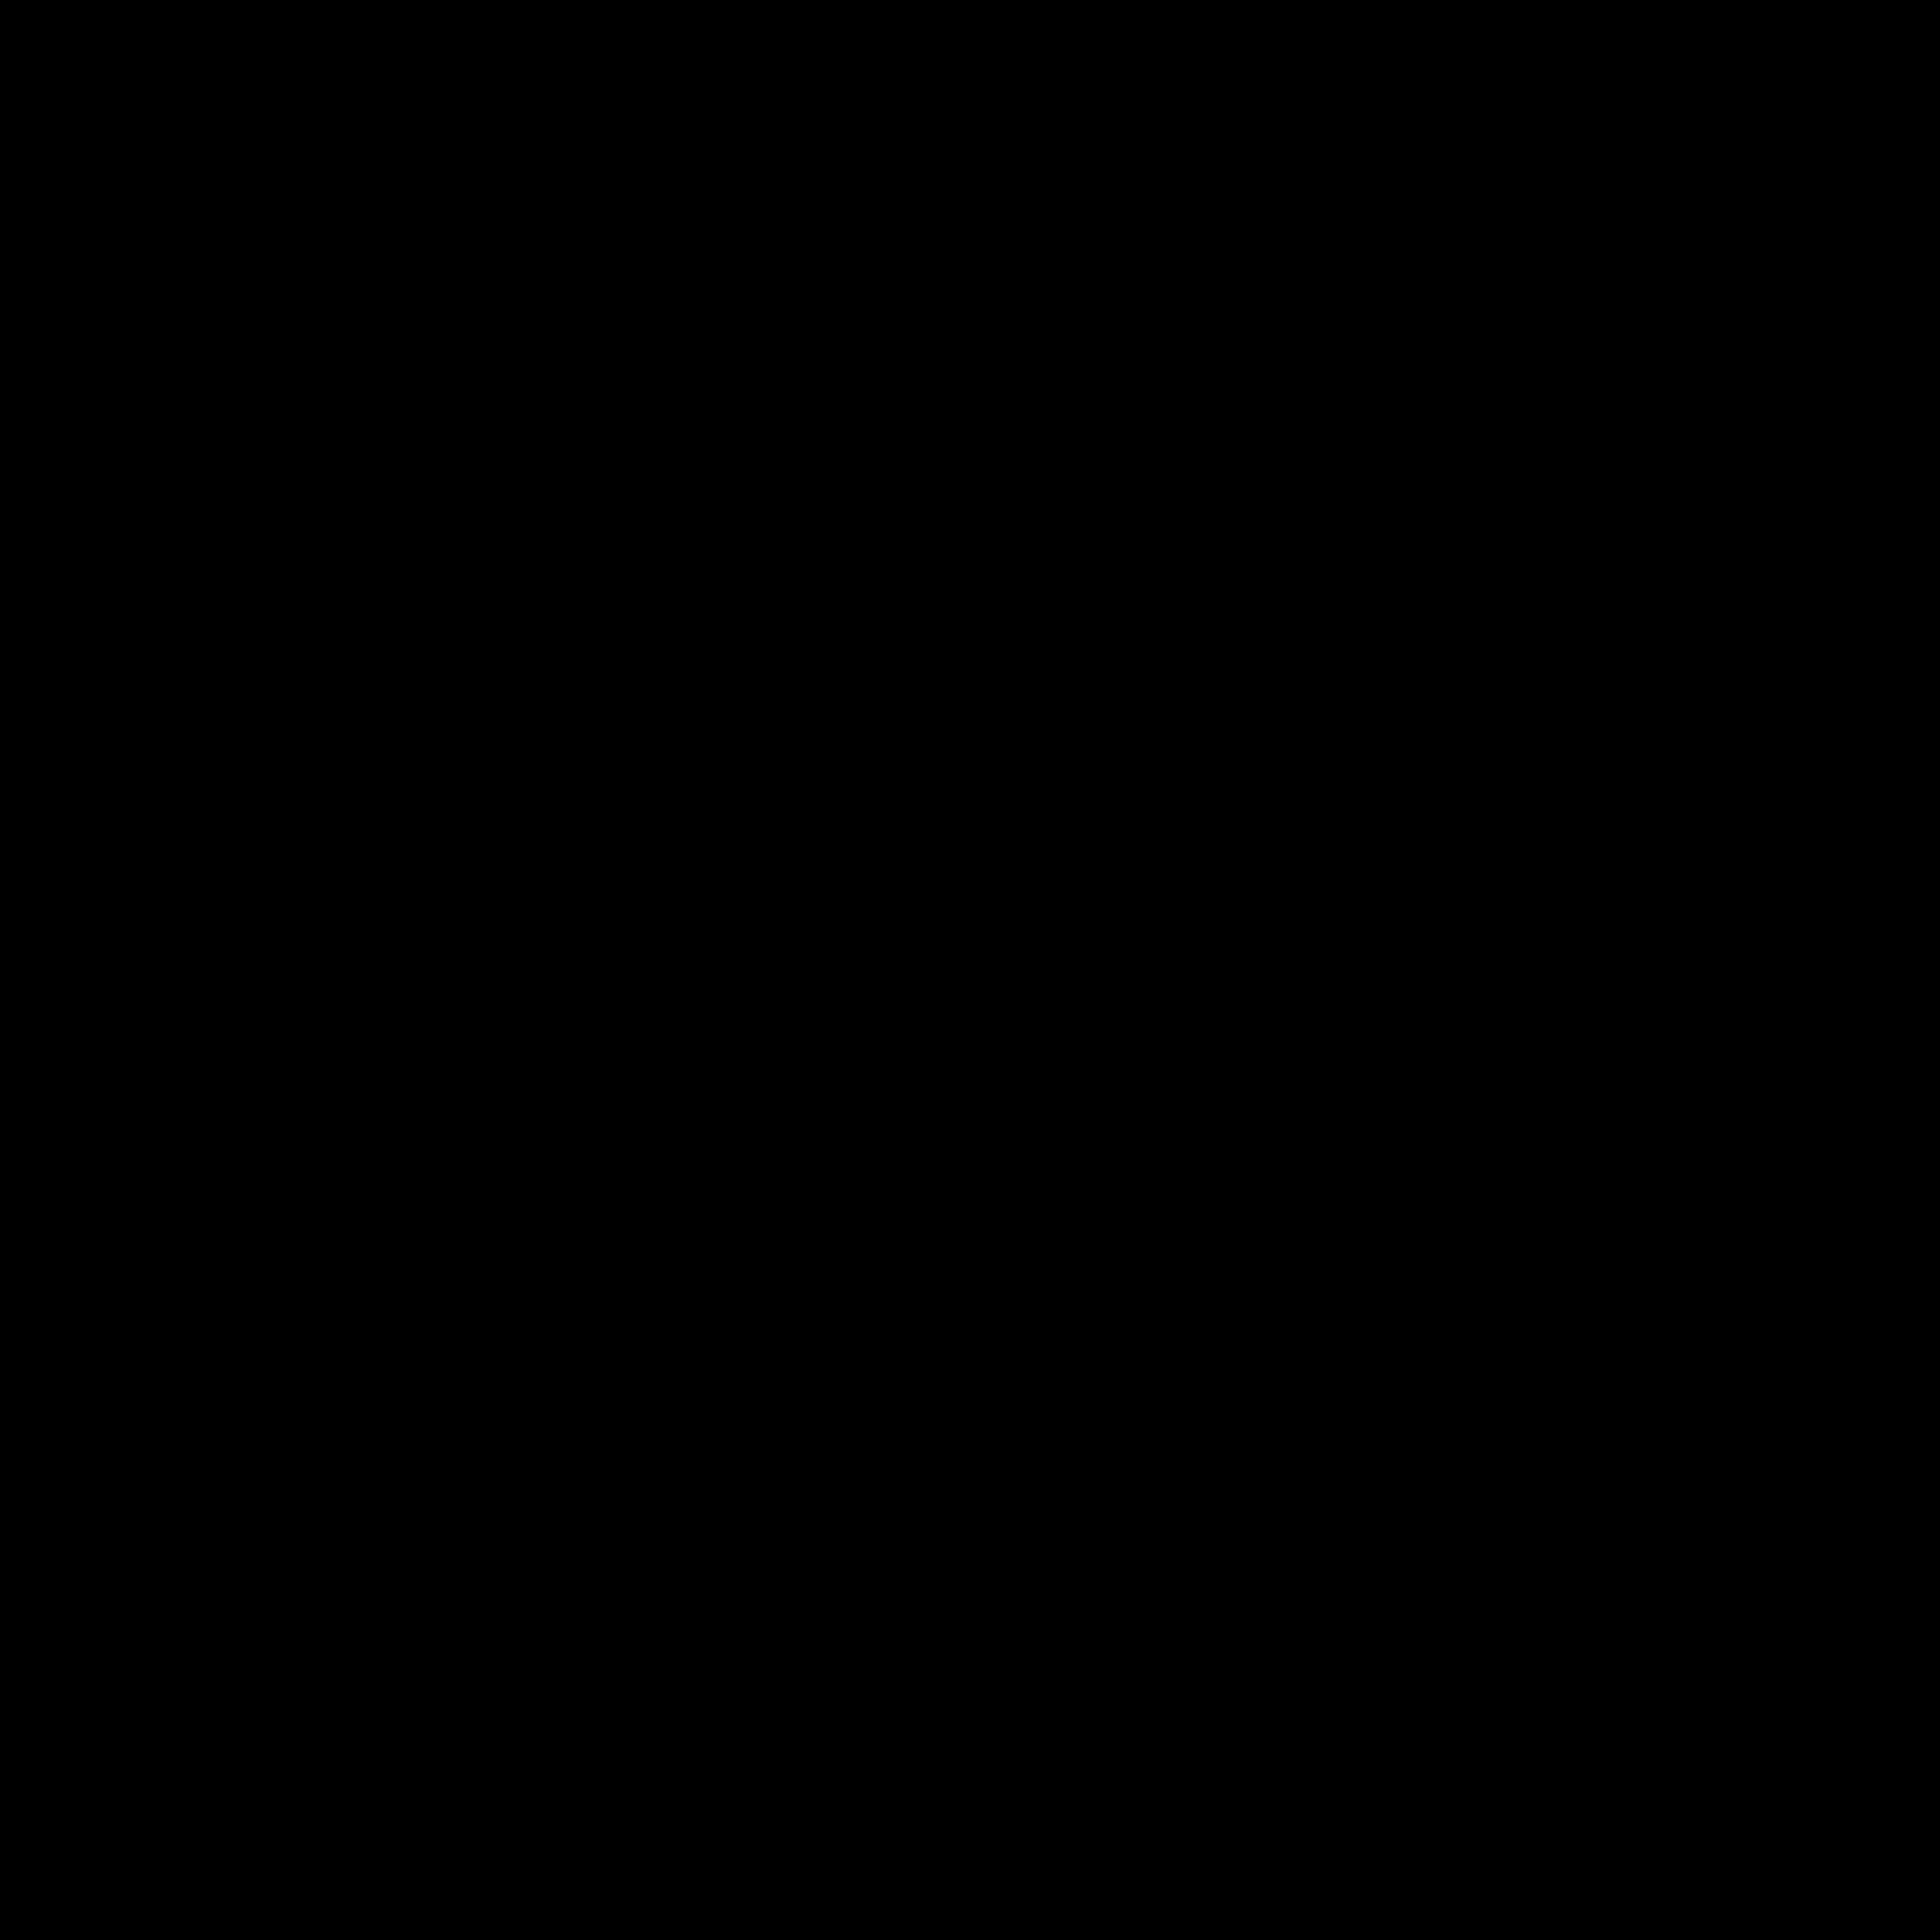 Readers Digest Logo PNG Transparent & SVG Vector.